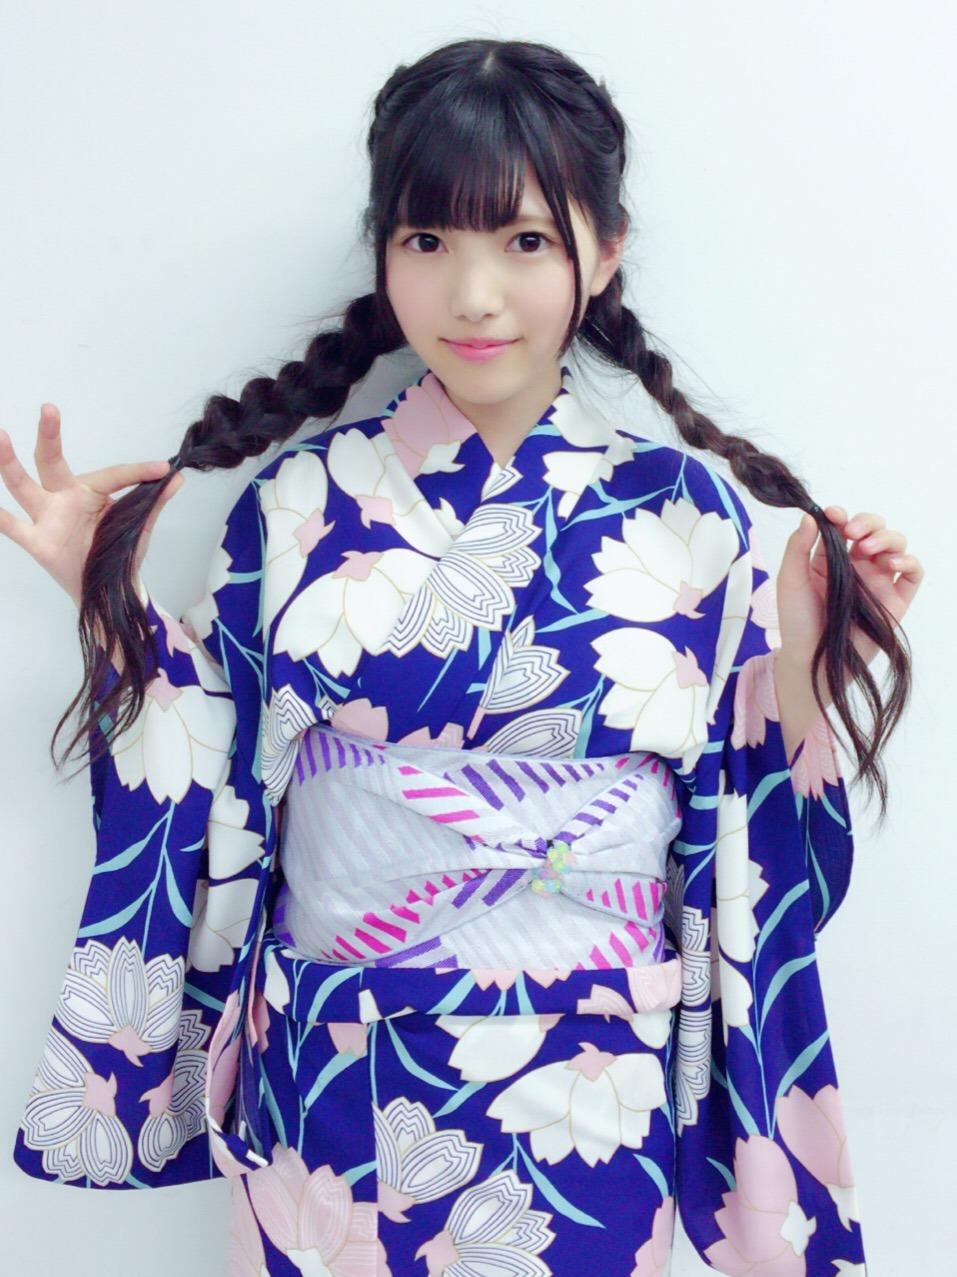 青い浴衣を着ている上村莉菜の画像